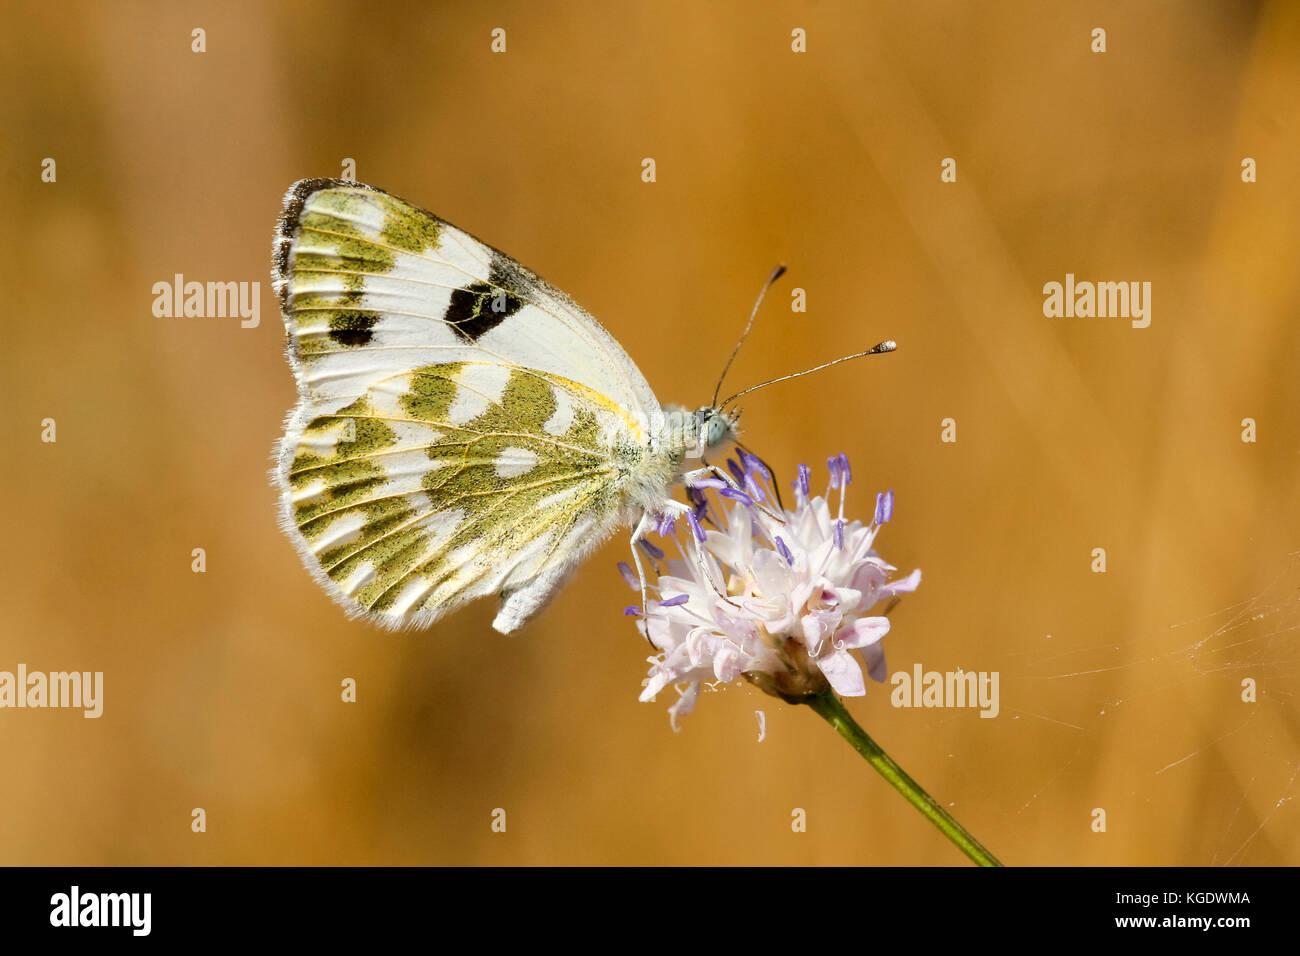 Vasca da bagno bianco pontia daplidice butterfly shot in Israele, estate giugno Immagini Stock